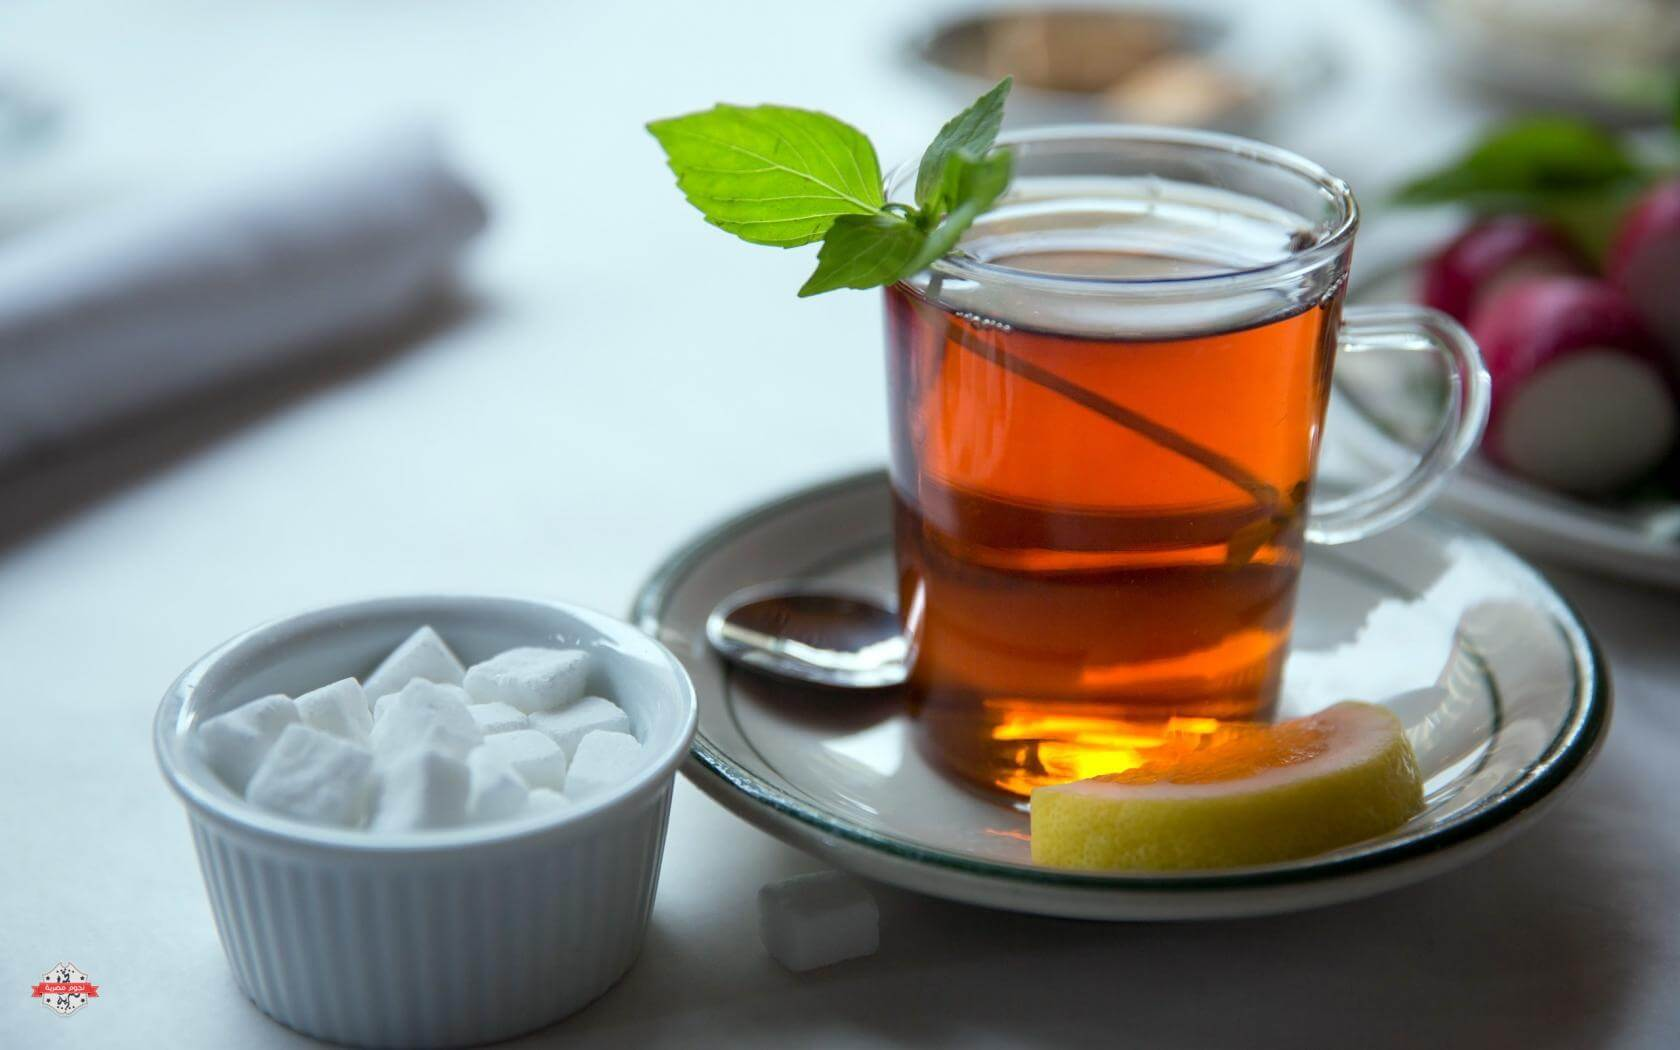 صوره صور كوب شاي , مجموعه متنوعه من اشهى واجمل صور لكوبيات الشاى